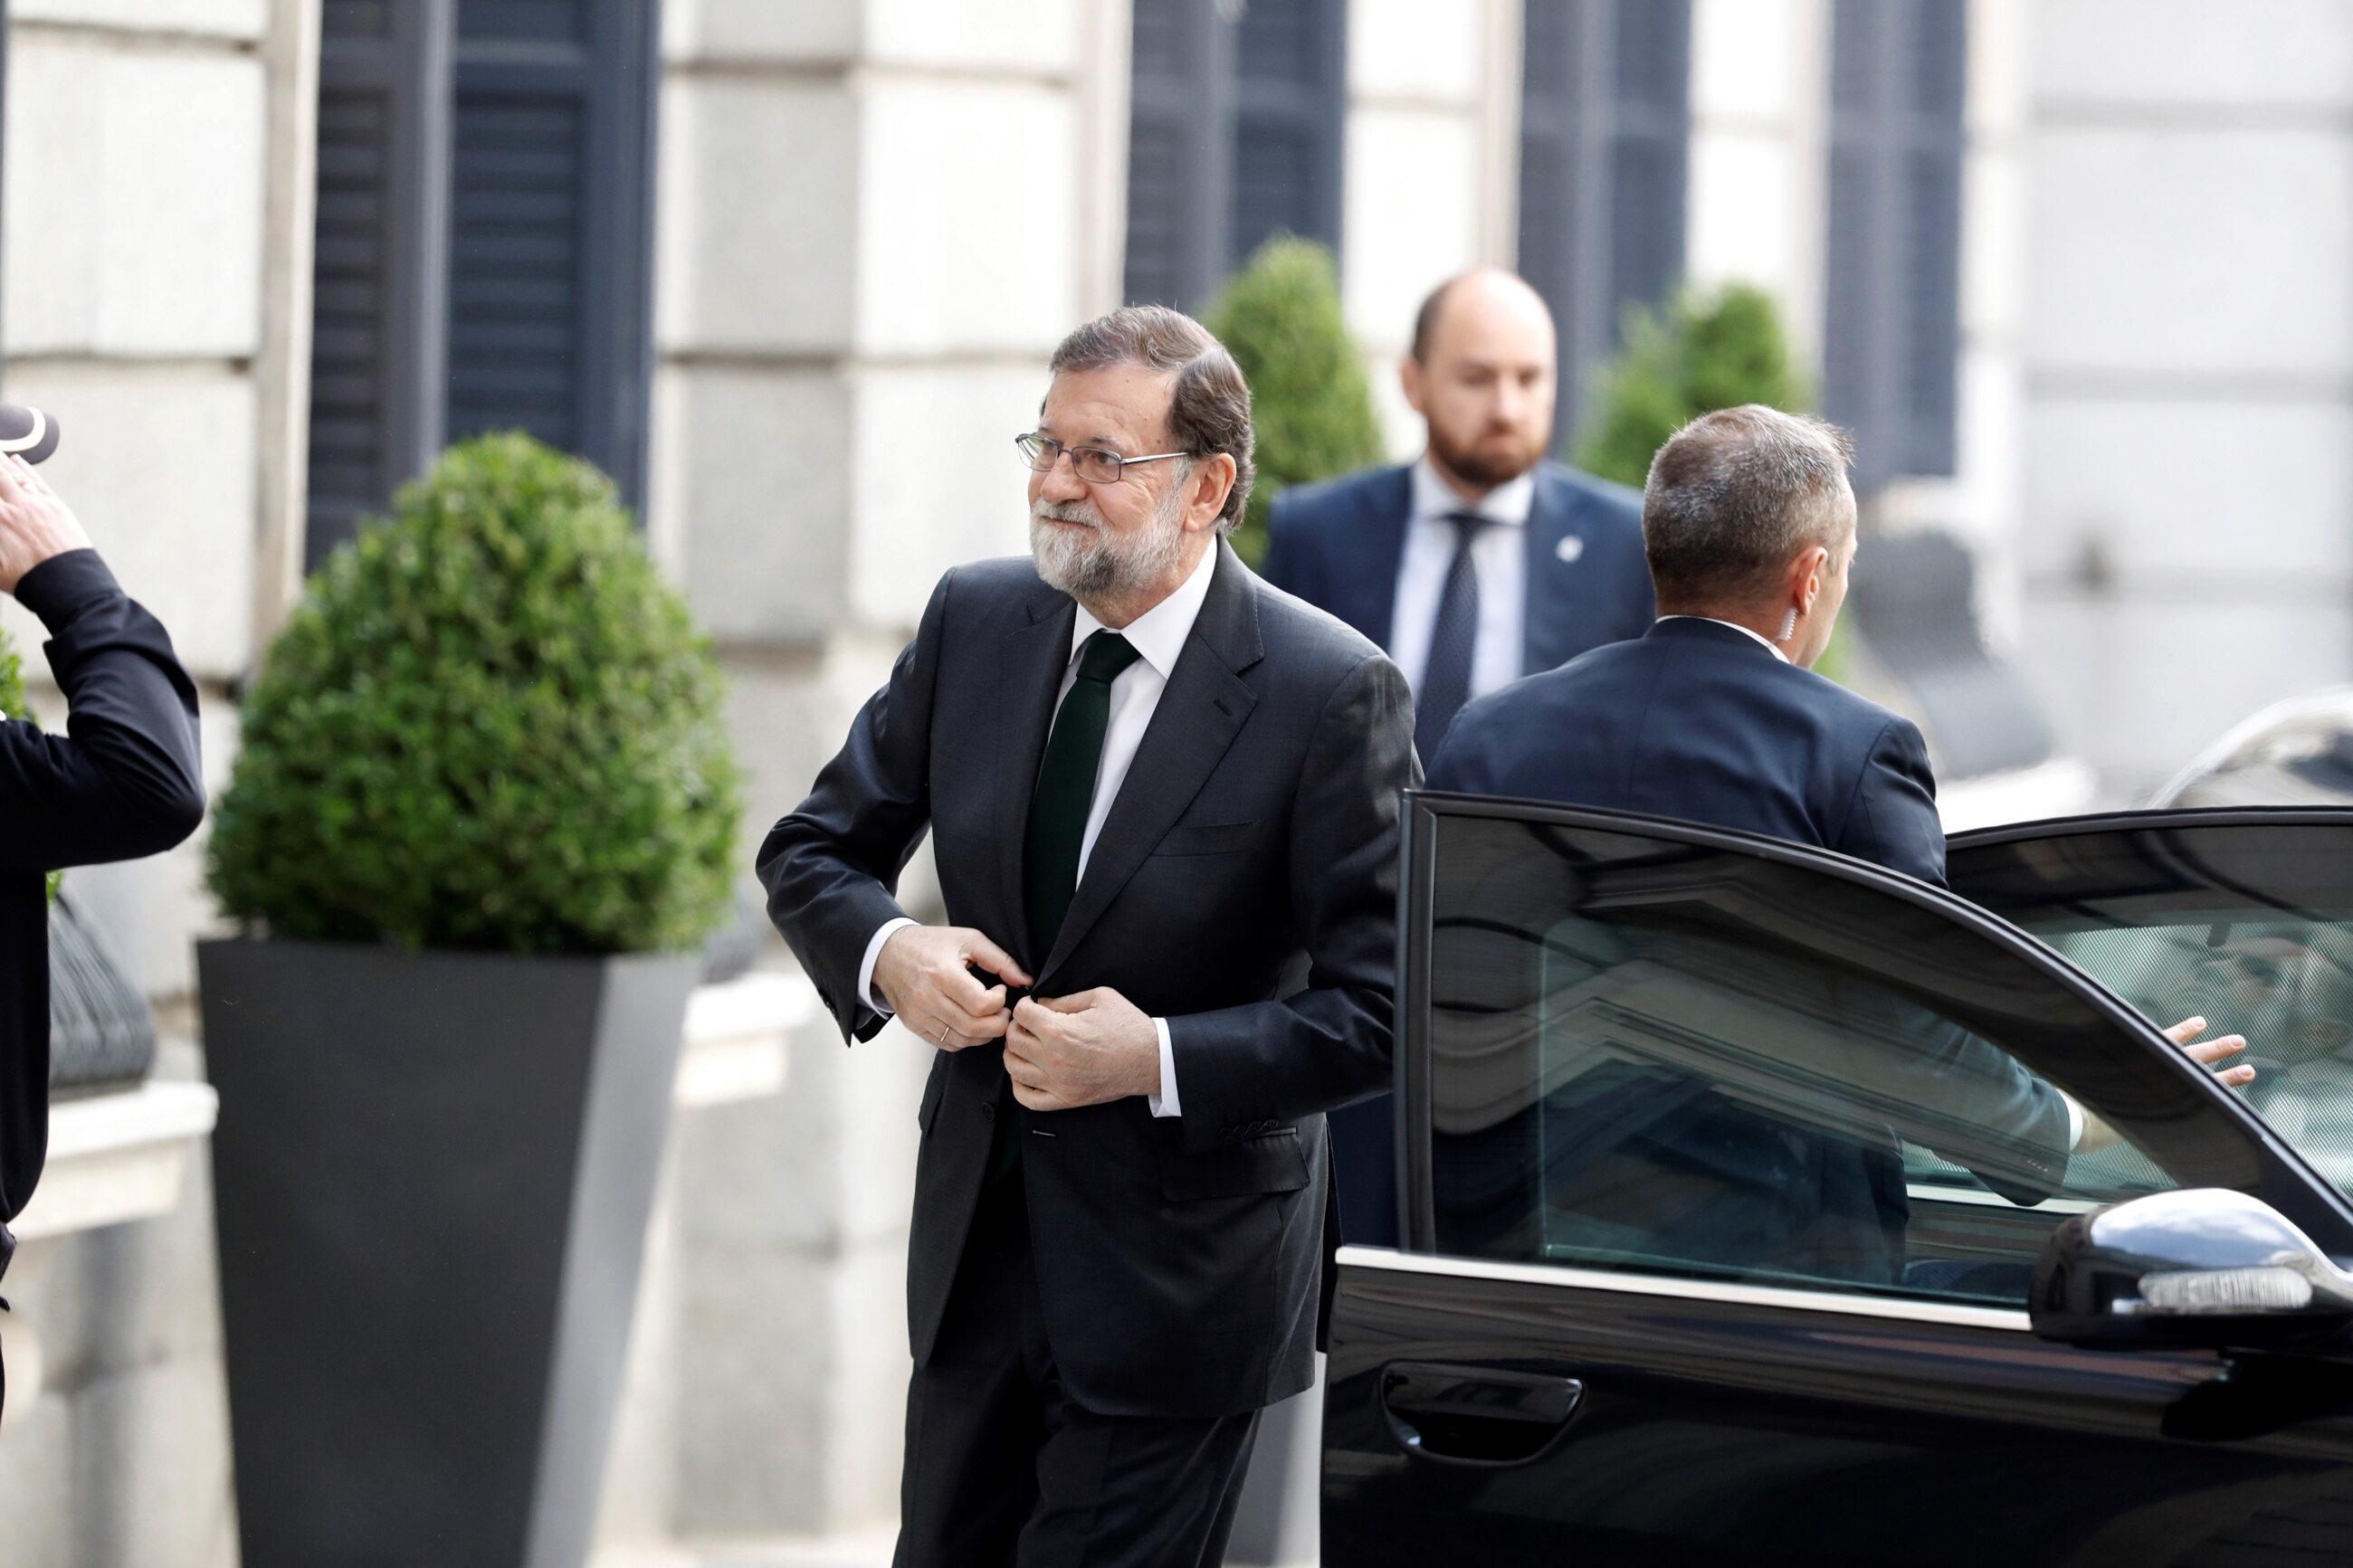 Hiszpański Kongres Deputowanych przegłosował wotum nieufności wobec premiera Mariano Rajoya